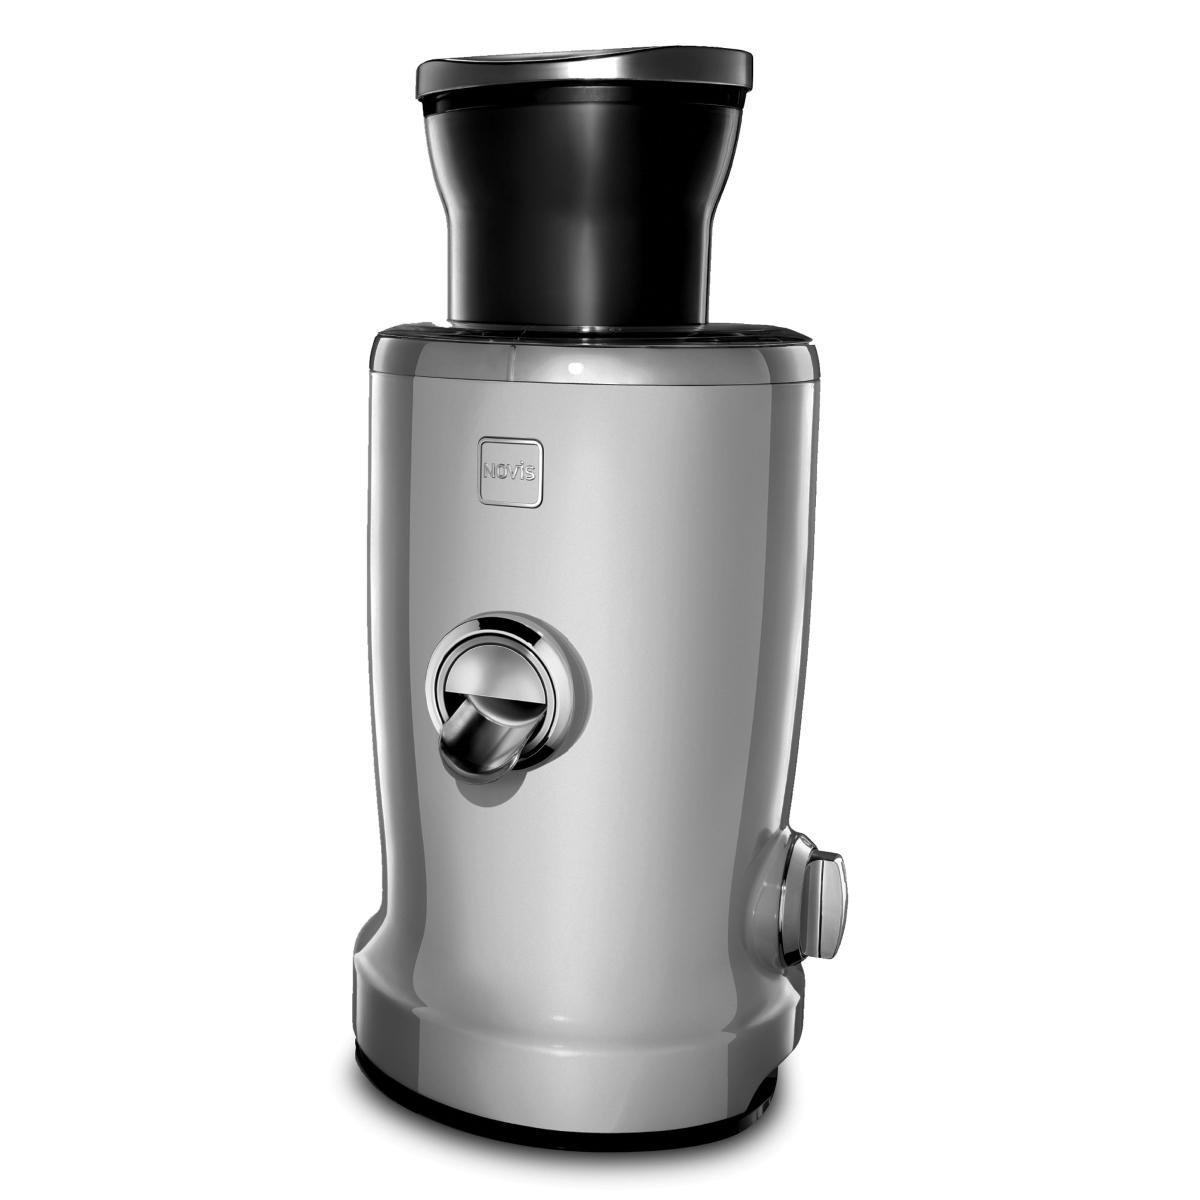 Novis Contour Silver Vita Juicer